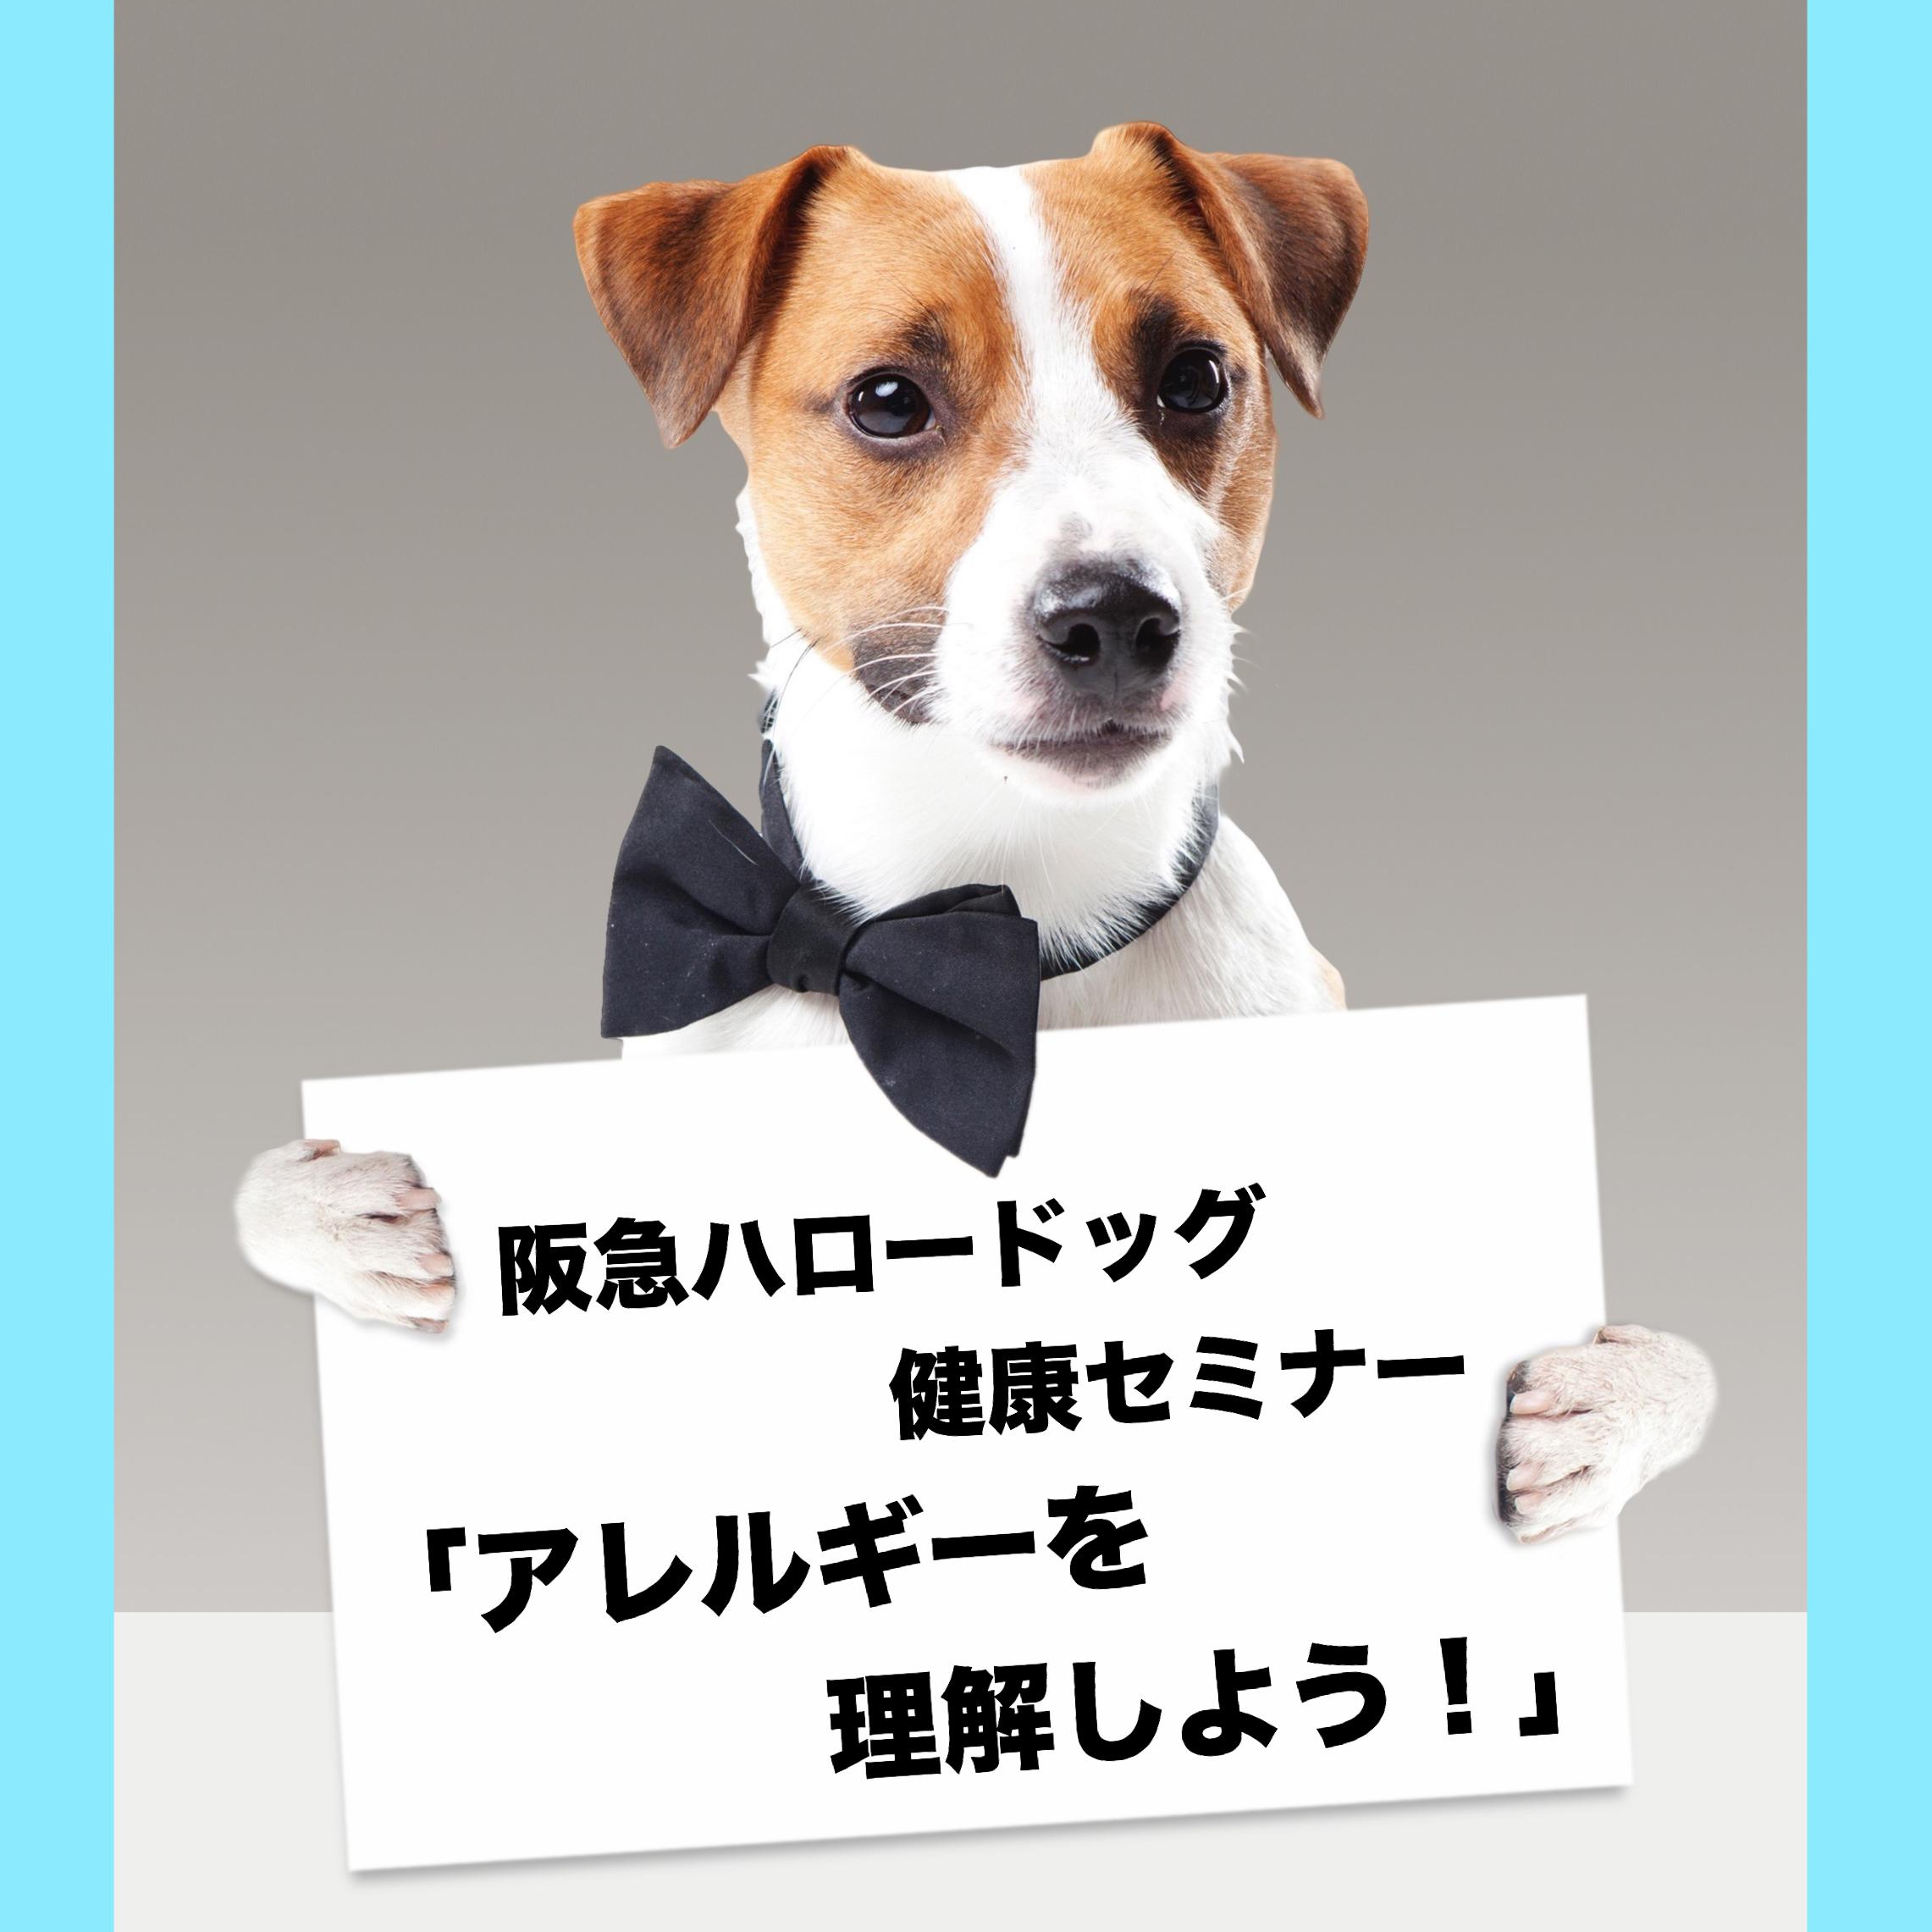 2018/12/08 西宮 阪急ハロードッグ健康セミナー 「アレルギーを理解しよう!」